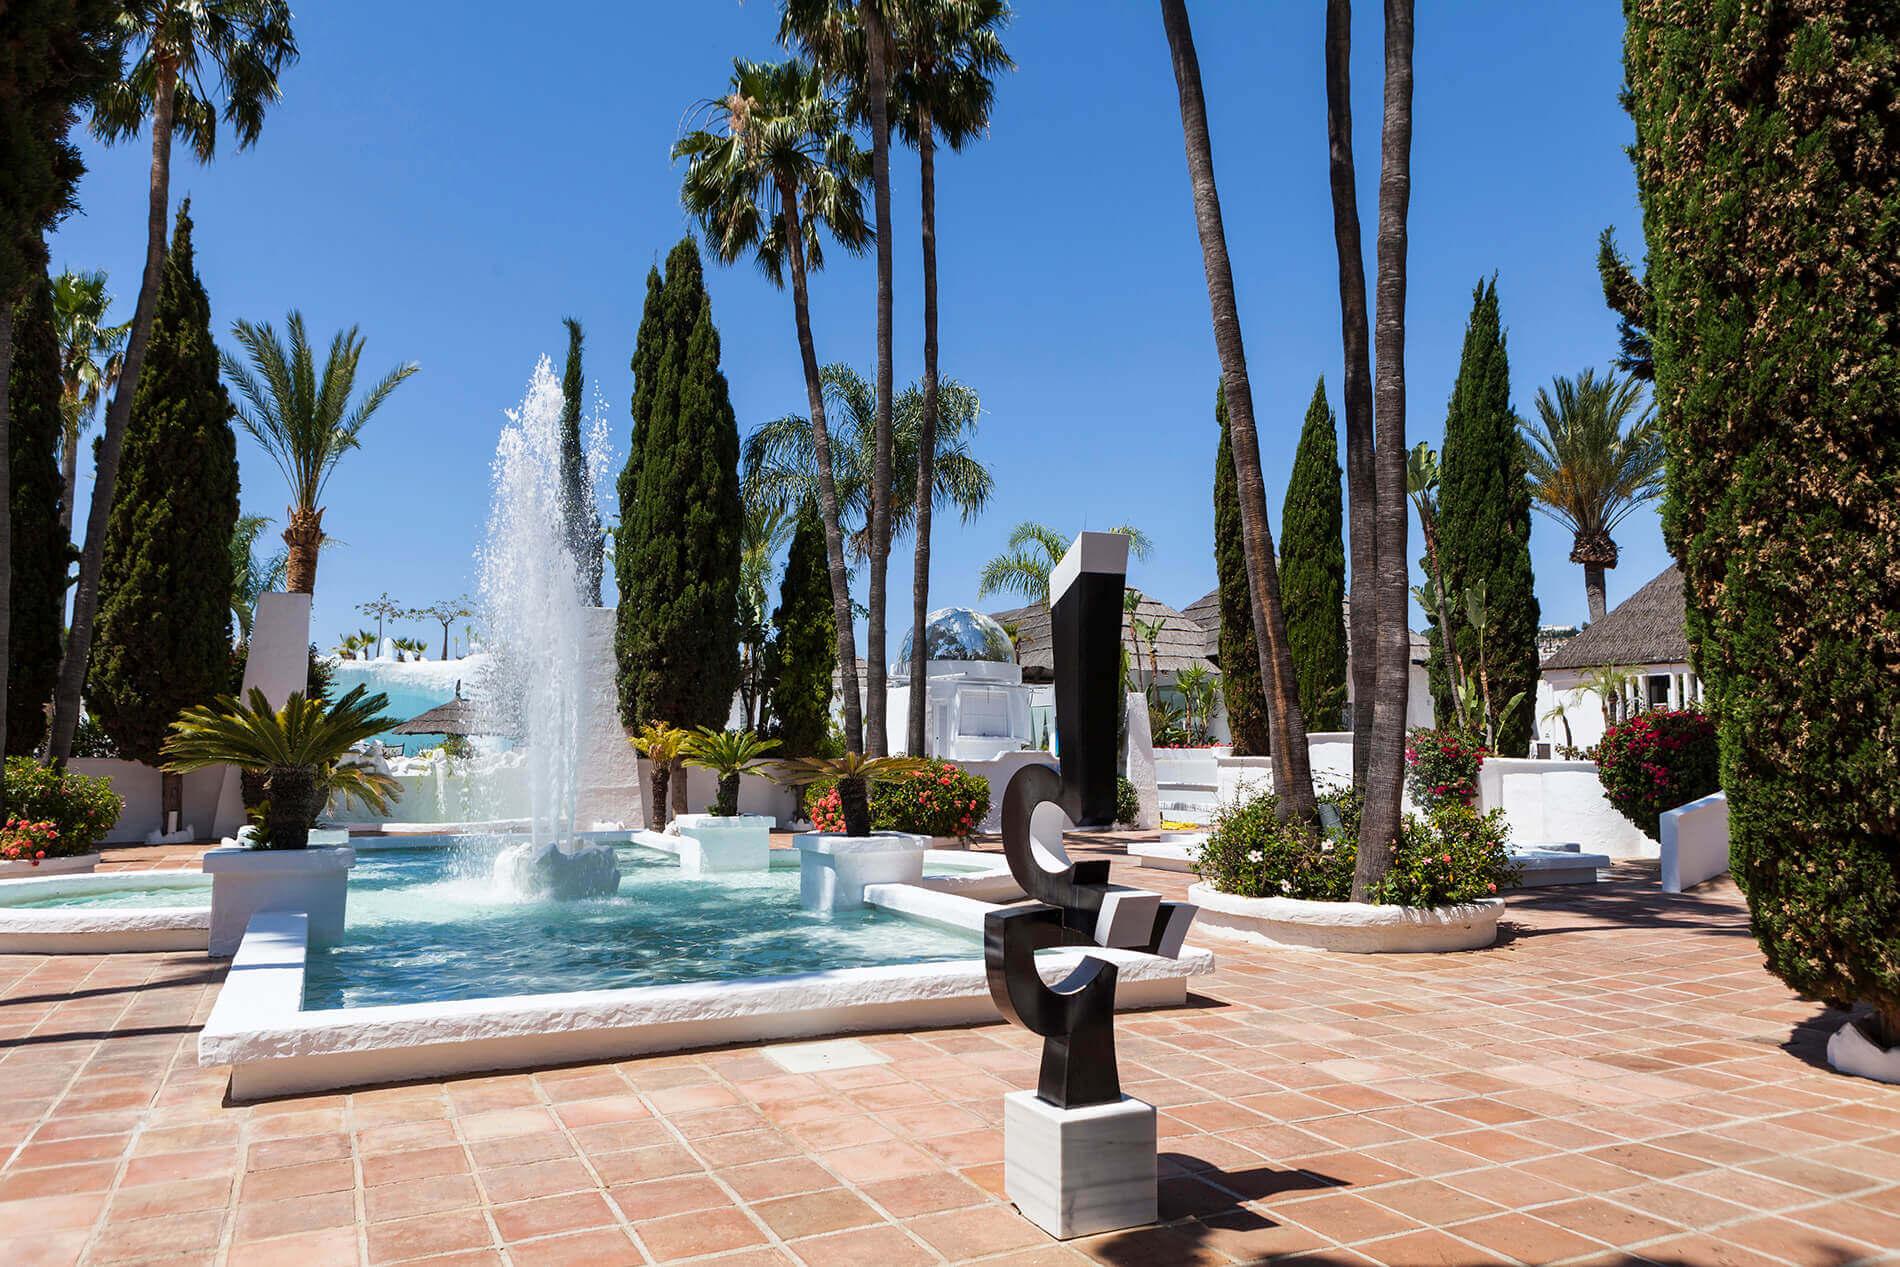 Espanja-Almuneckar-Hotel Suite Albayzin del Mar exterior2